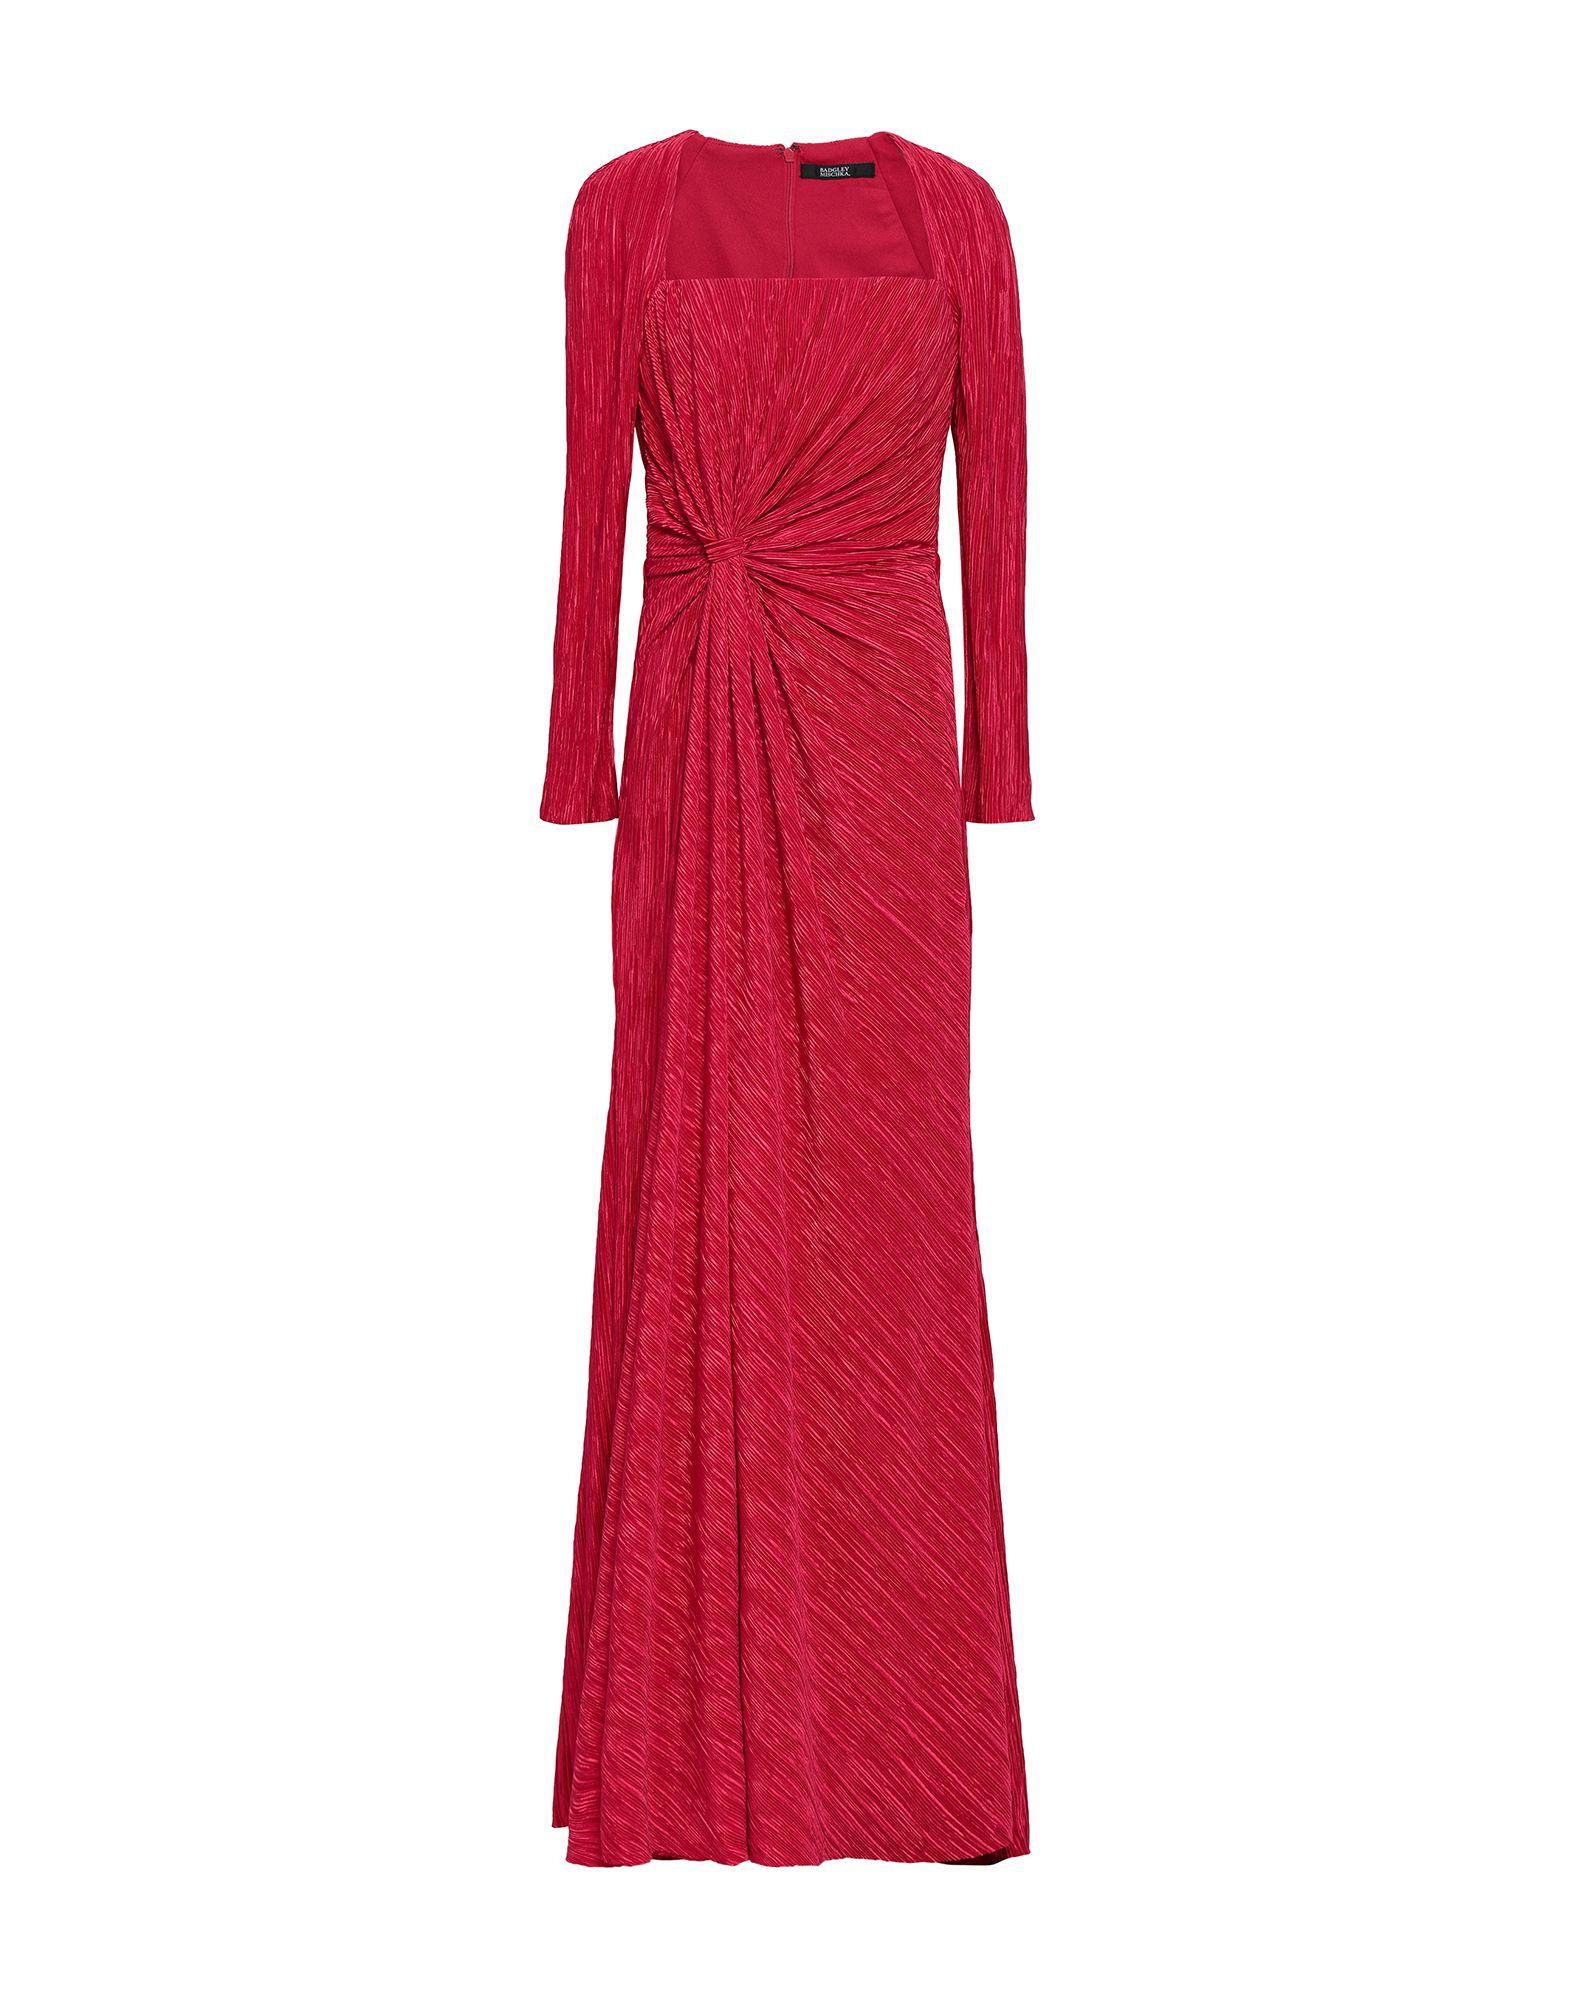 《セール開催中》BADGLEY MISCHKA レディース ロングワンピース&ドレス レッド 0 ポリエステル 100%